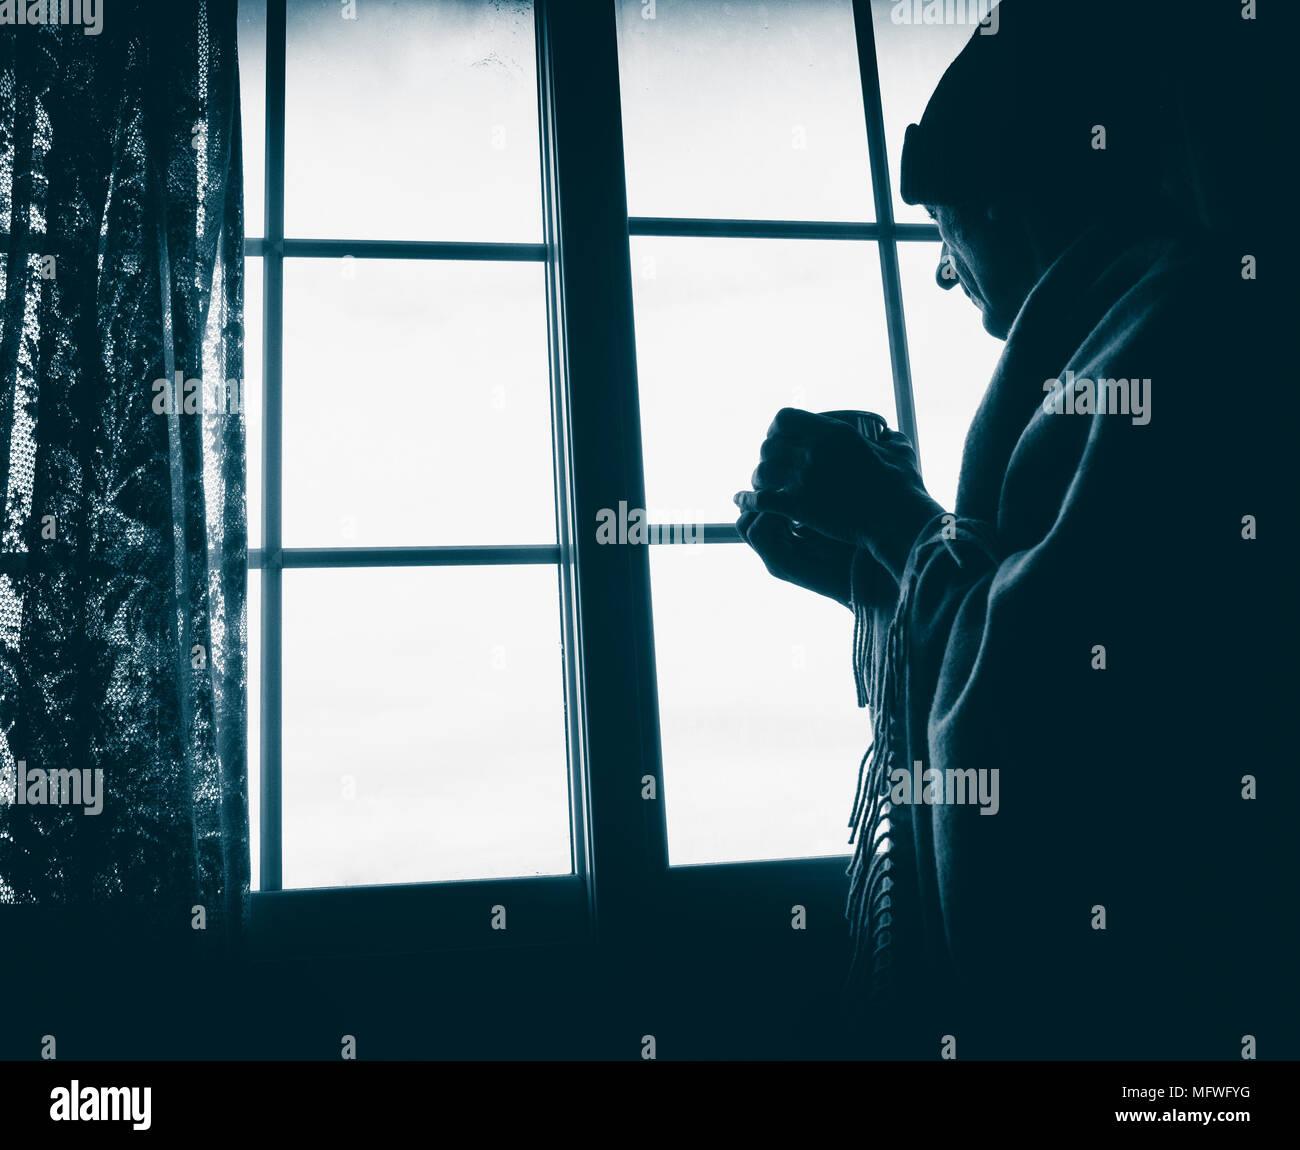 Mature man holding cup à la fenêtre de sortie: la solitude, la santé mentale, le fait de vivre seul, de l'image concept... Photo Stock